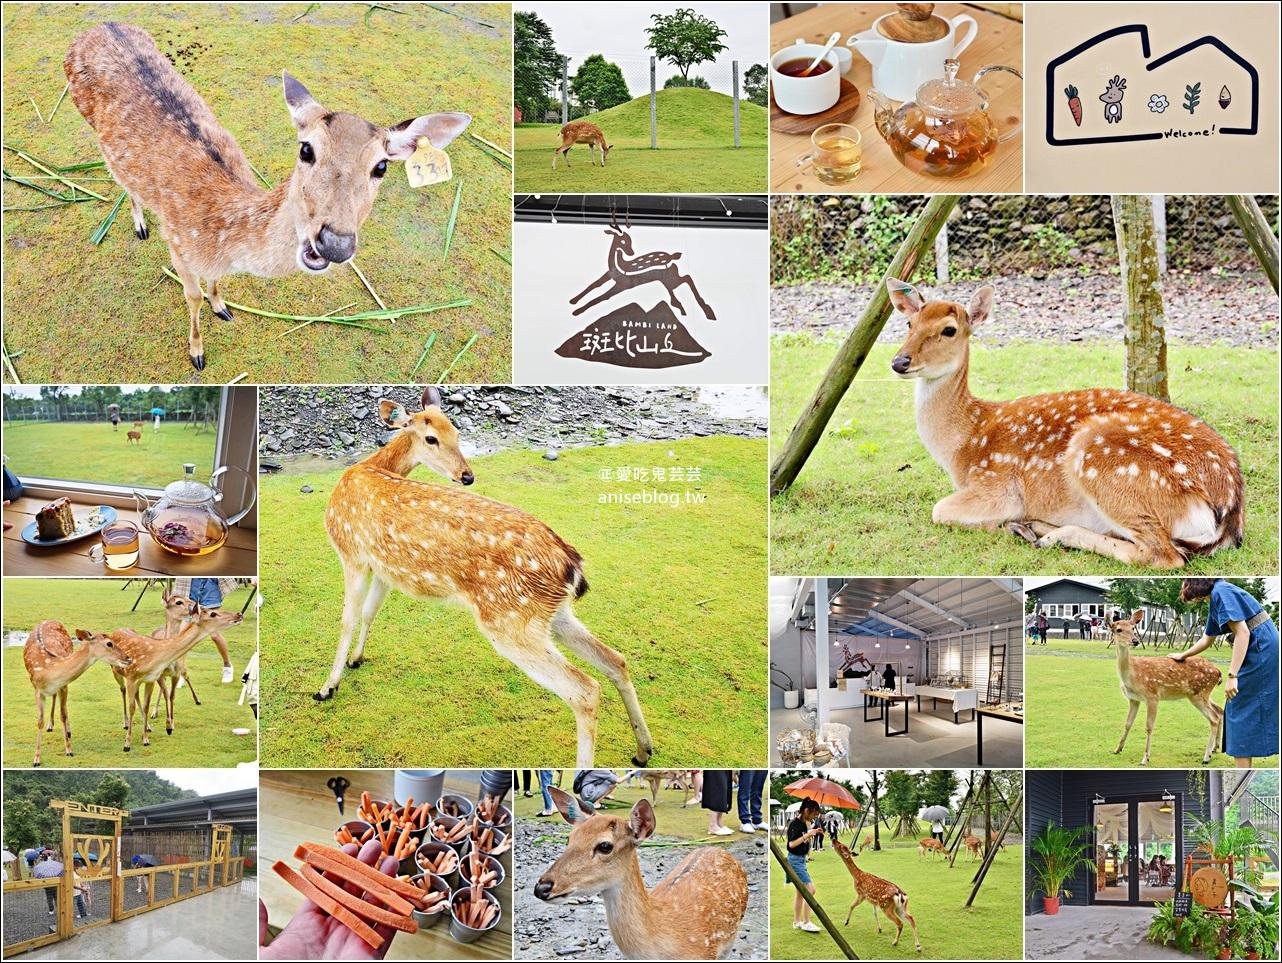 今日熱門文章:斑比山丘、美美子咖啡,台灣版小奈良與小鹿一起散步,宜蘭新景點(姊姊遊記)